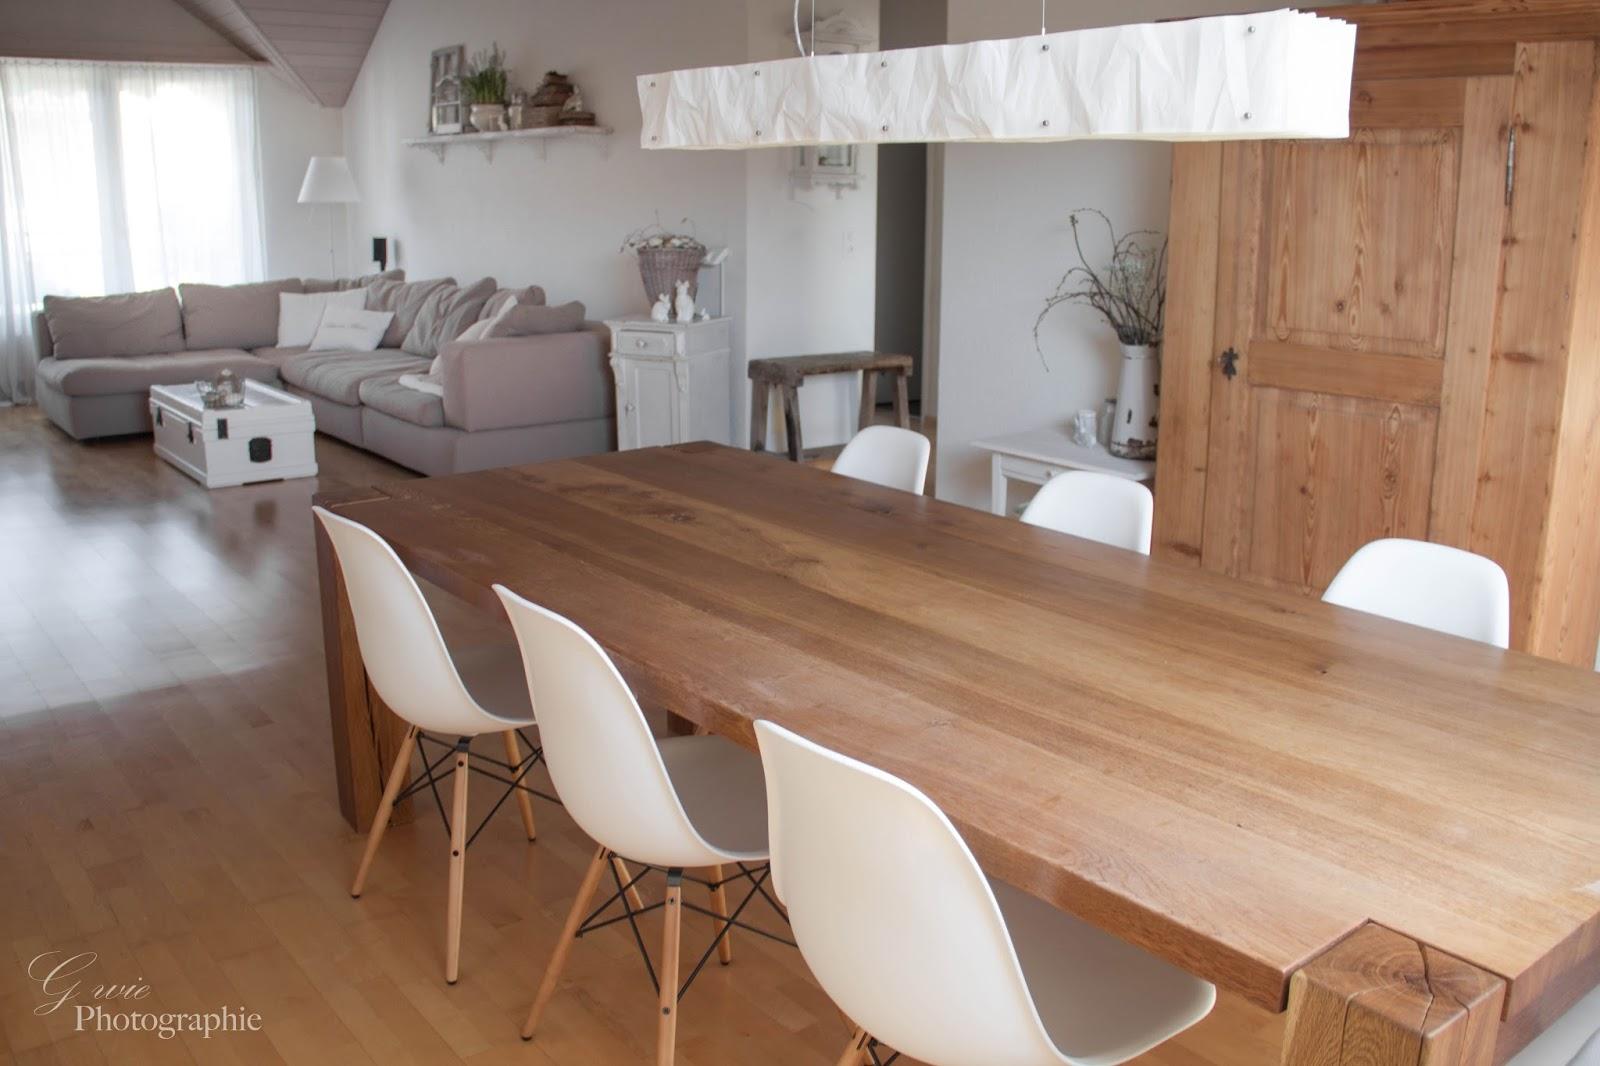 g wie neue st hle strandkorbtaschen und trendige d nische mode von marylou. Black Bedroom Furniture Sets. Home Design Ideas